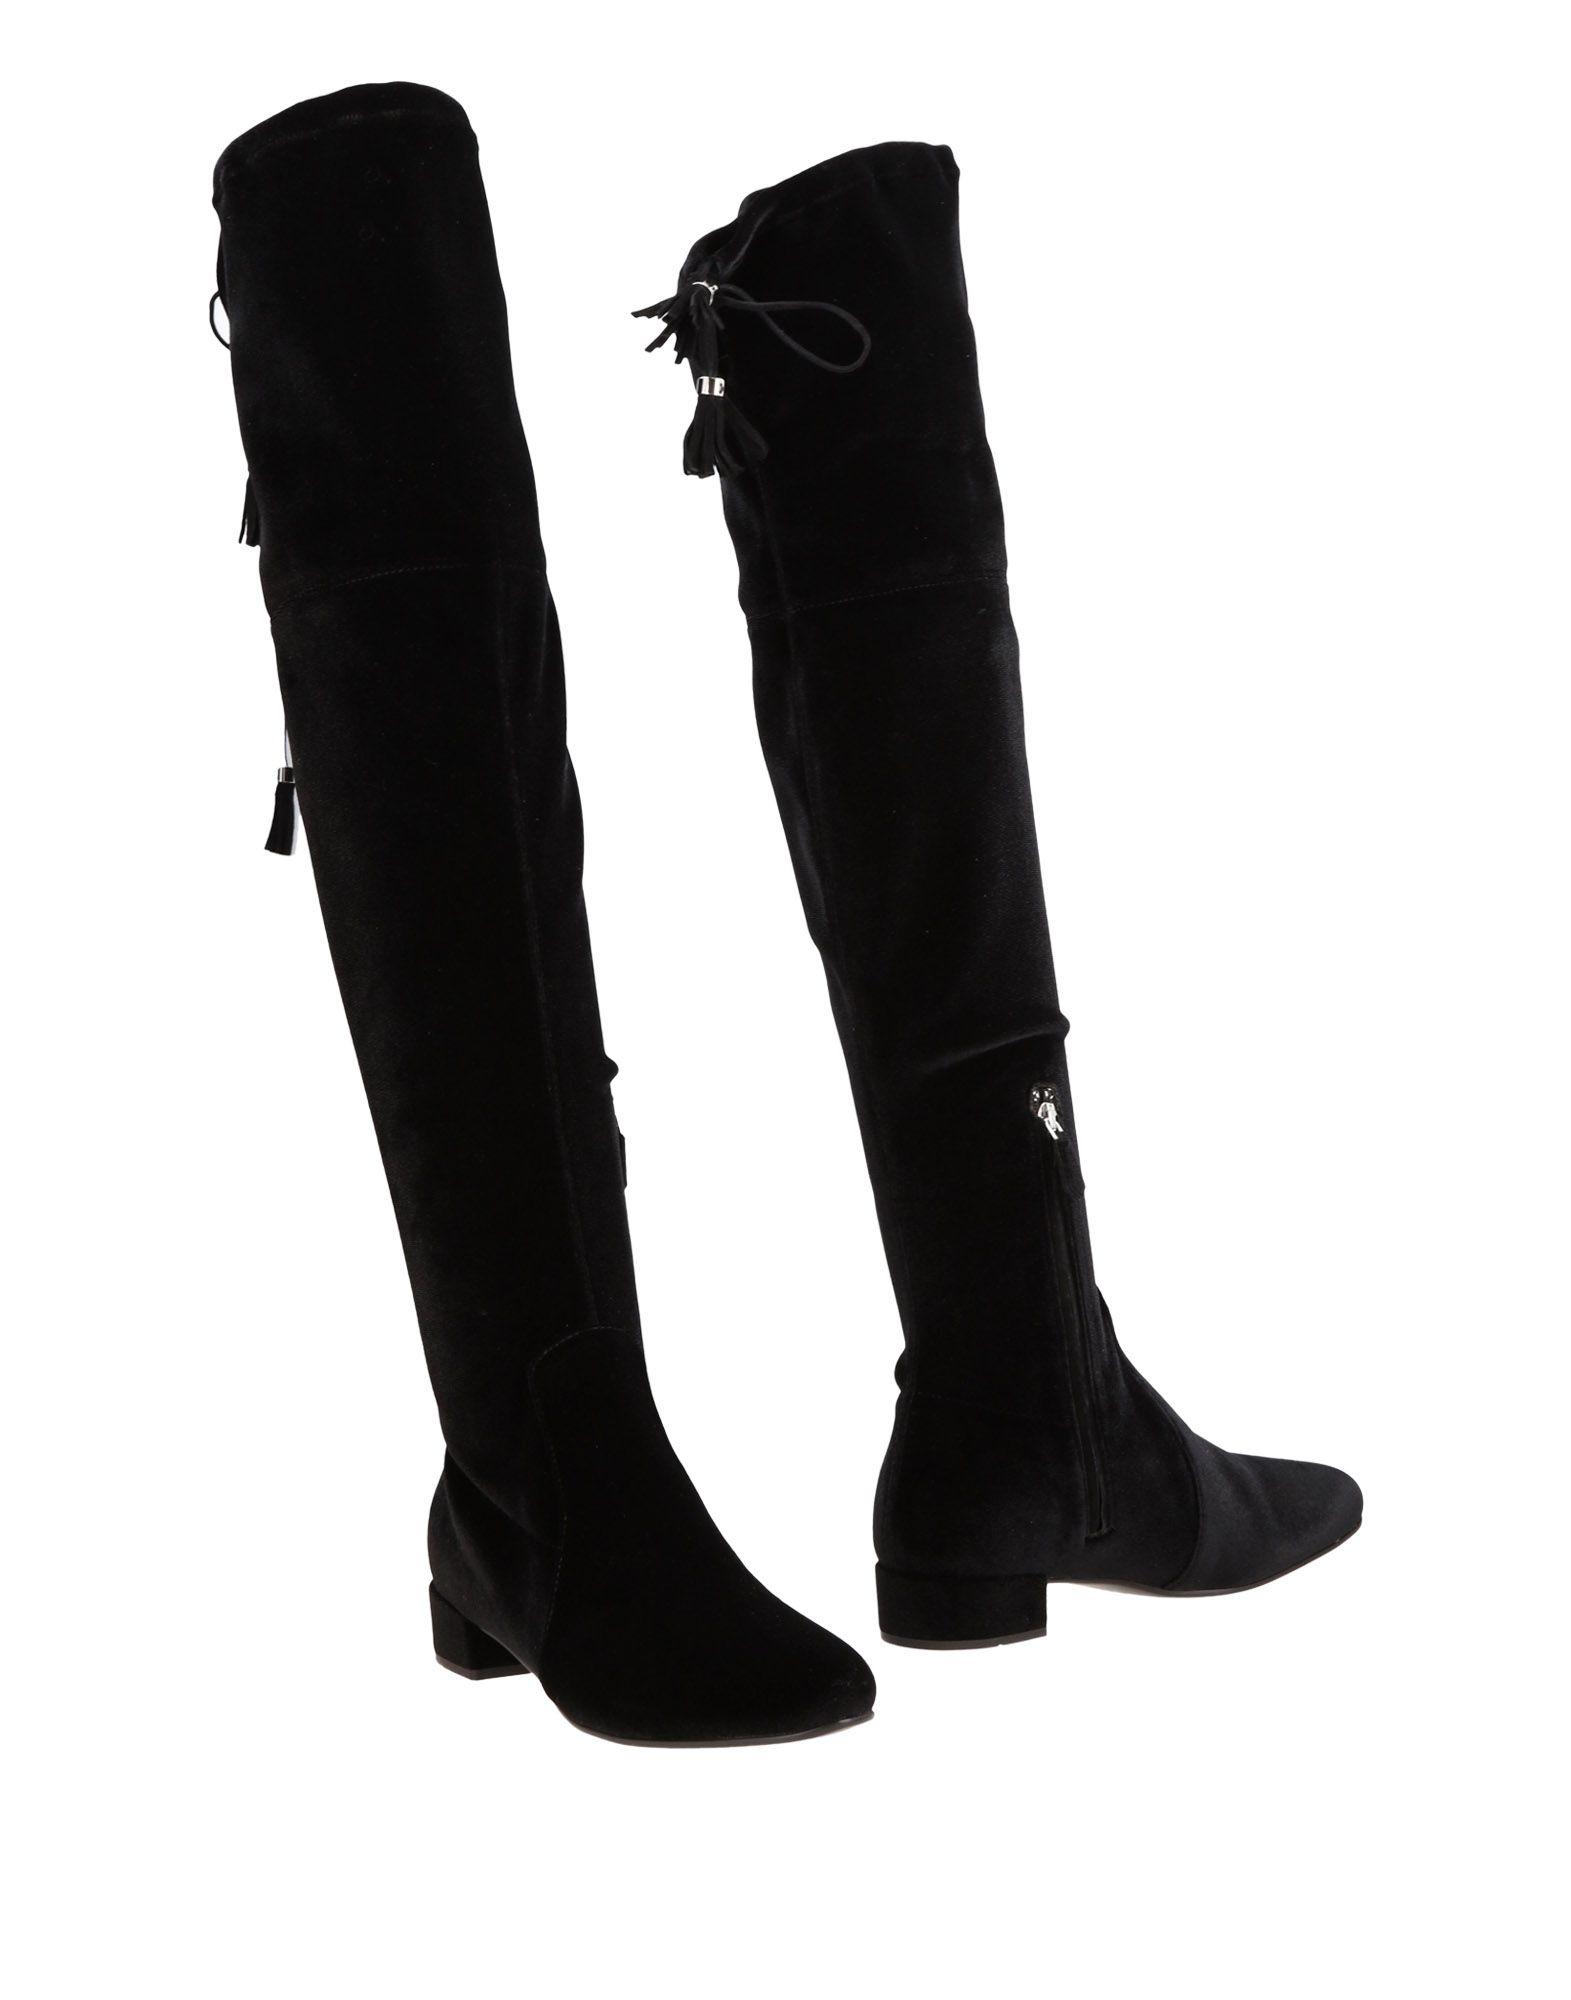 Scarpe resistenti economiche e resistenti Scarpe Moda Stivali Prada Donna 889b28